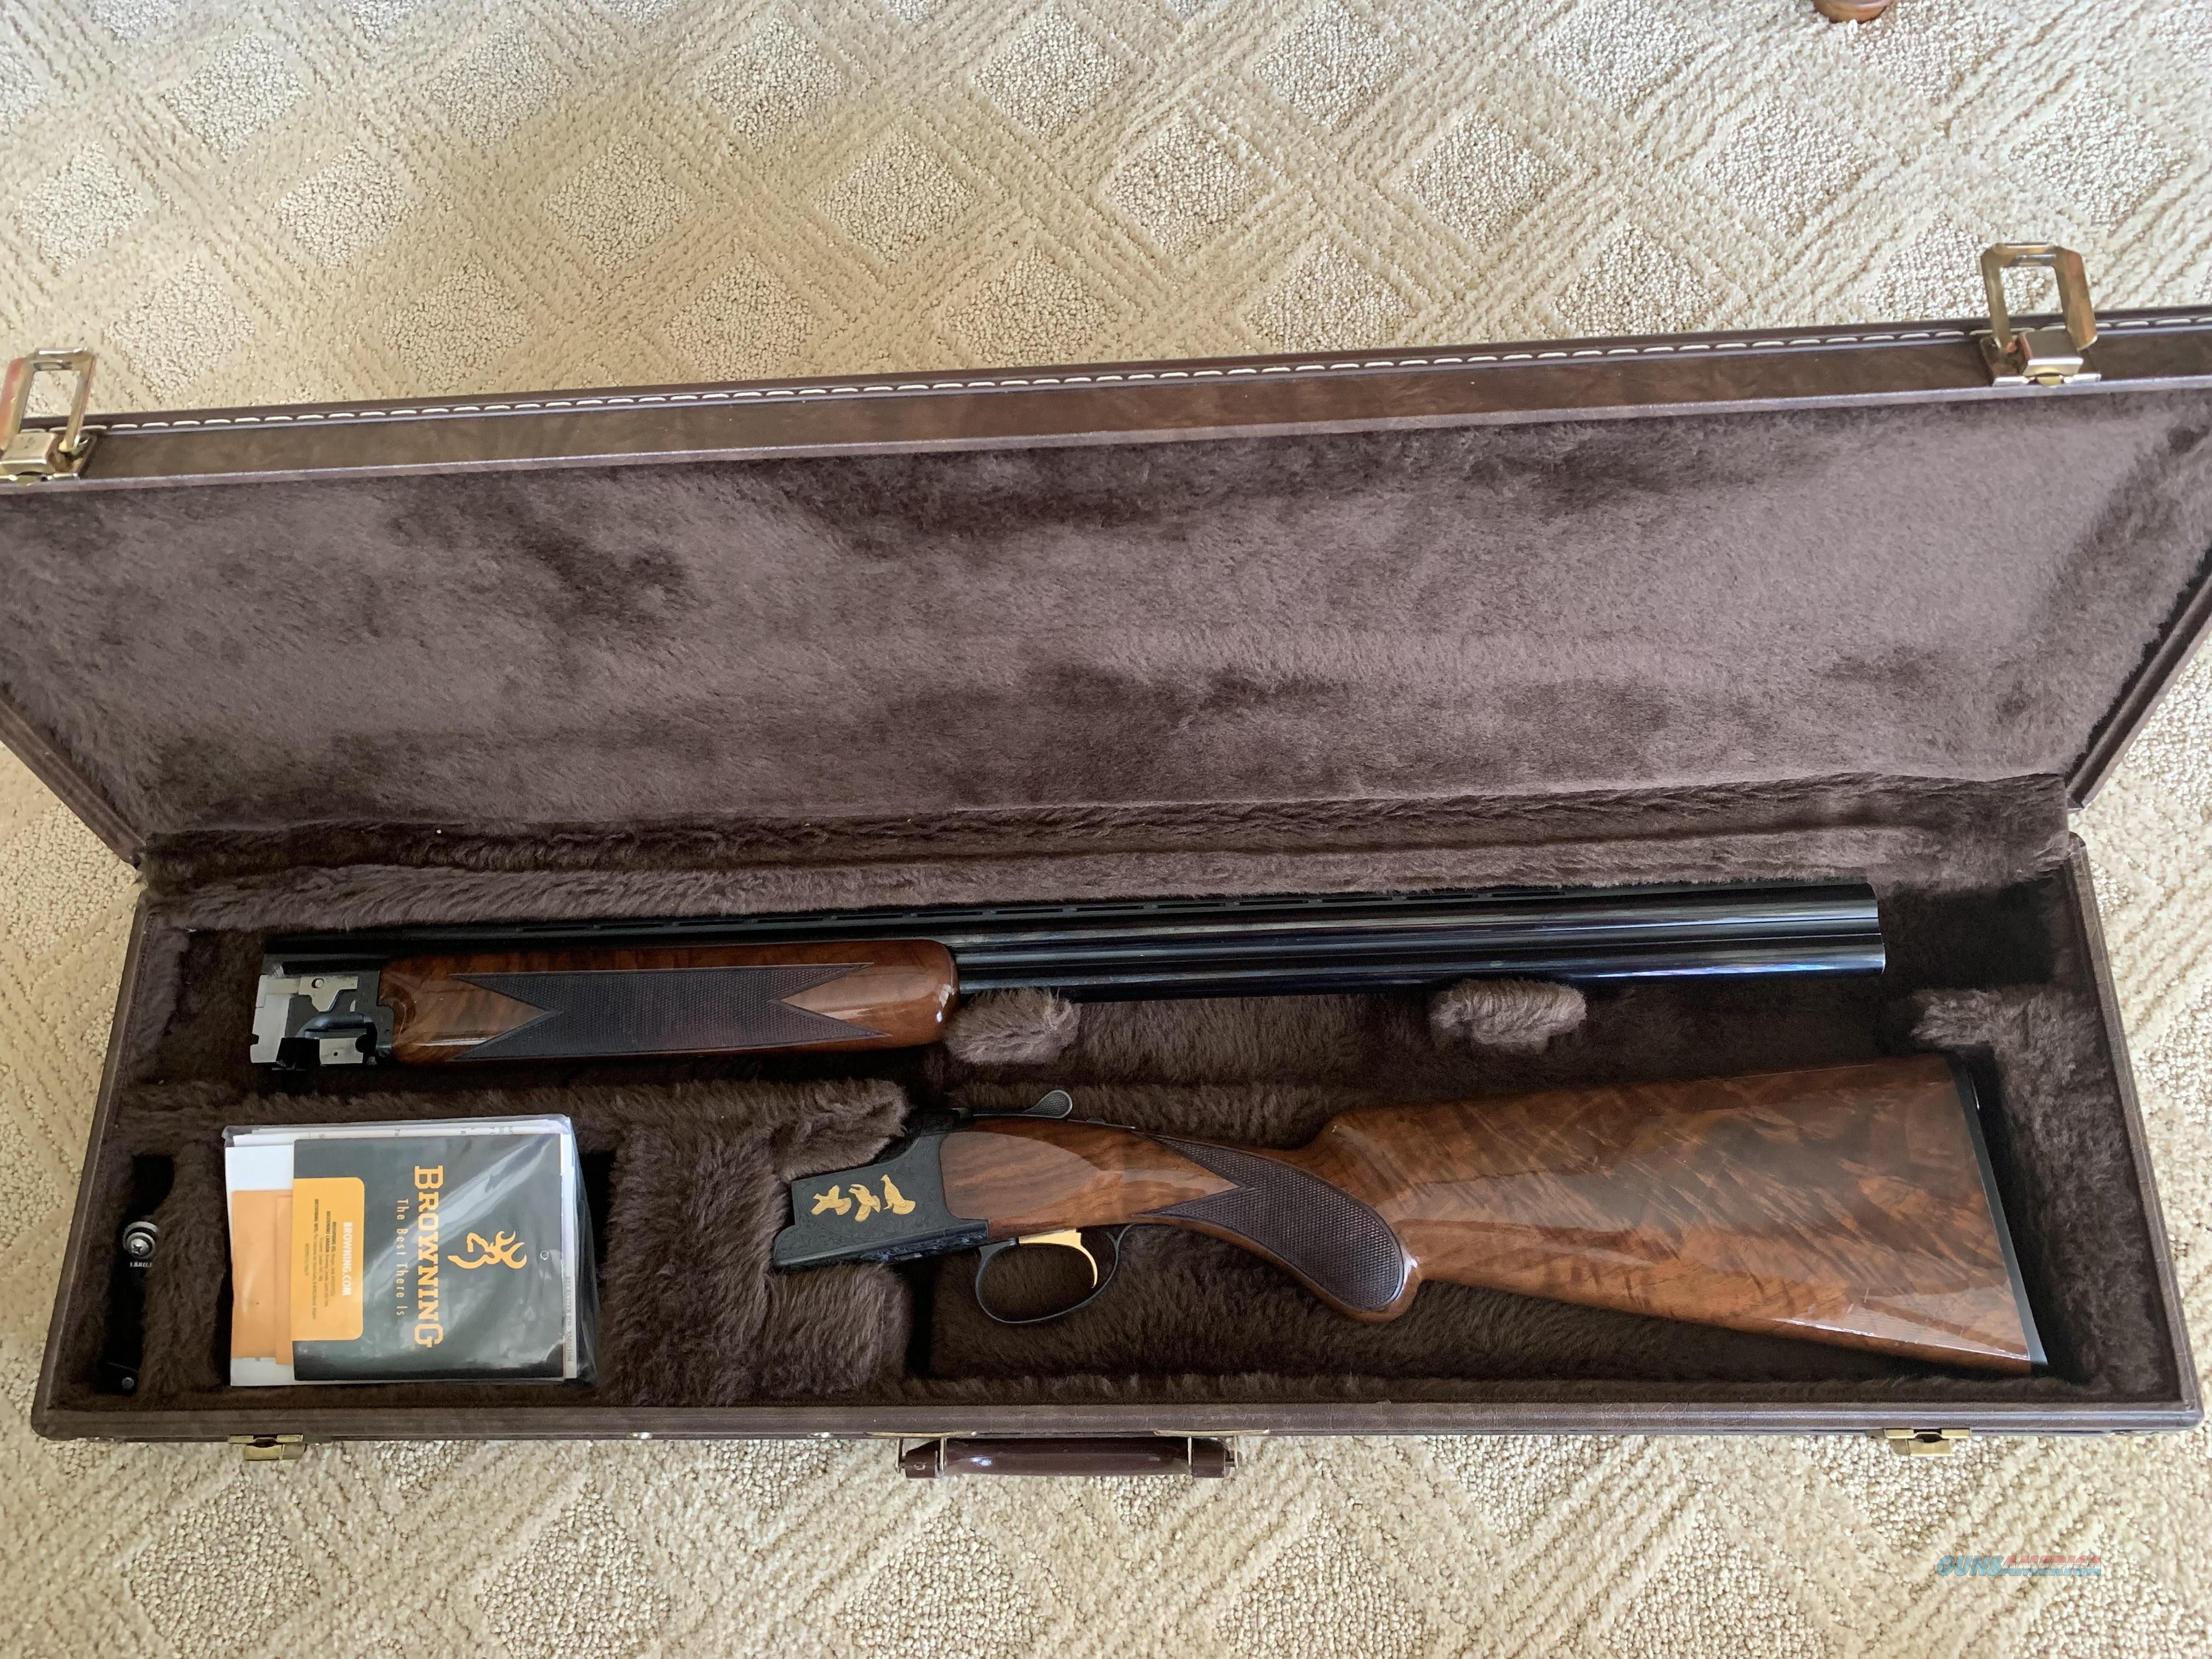 Browning Citori Lightning Grade VII - 20 ga.  Guns > Shotguns > Browning Shotguns > Over Unders > Citori > Hunting